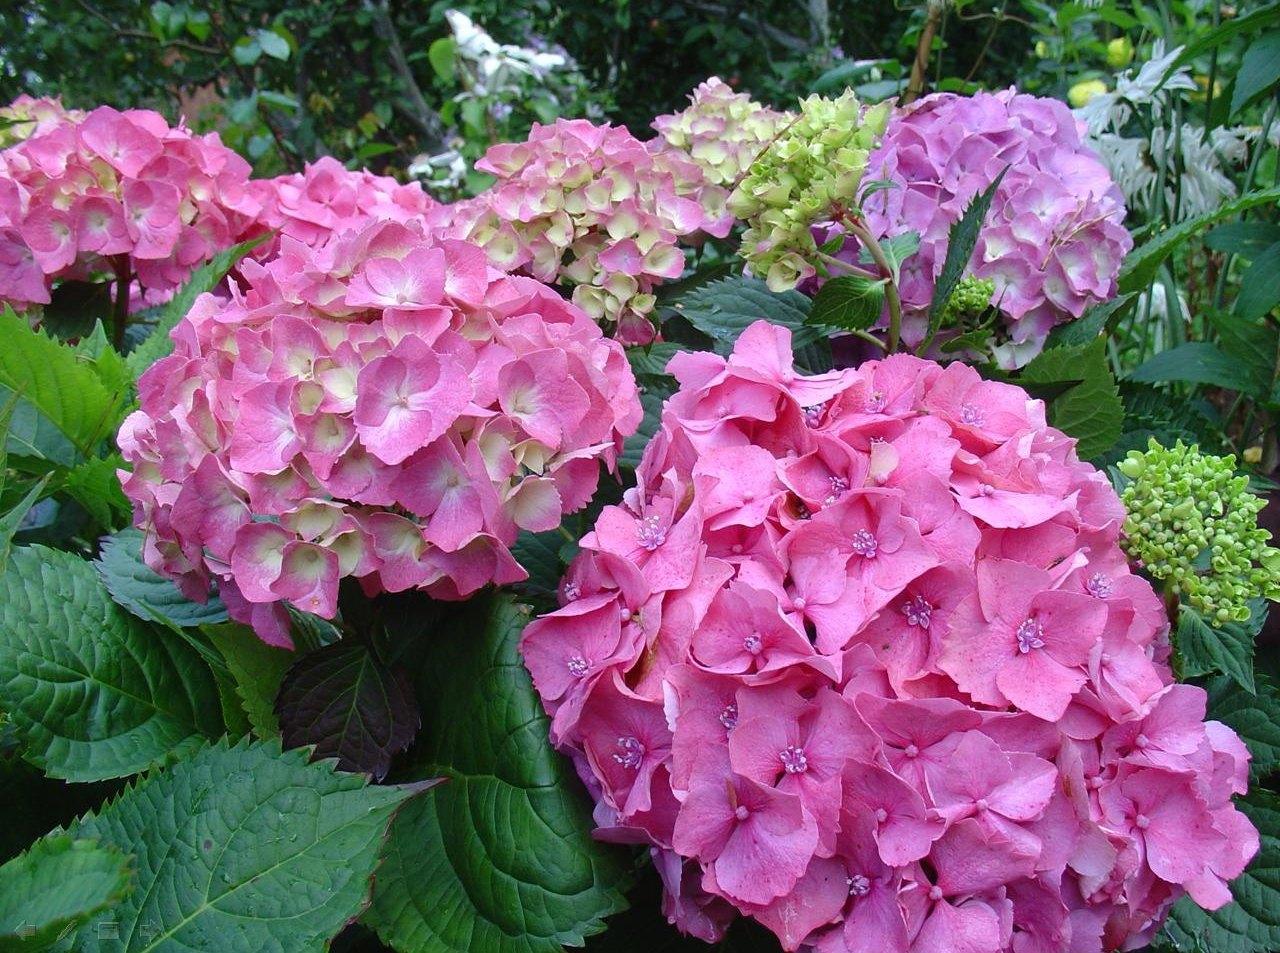 Крупнолистные гидрангеи цветут только в июле и августе